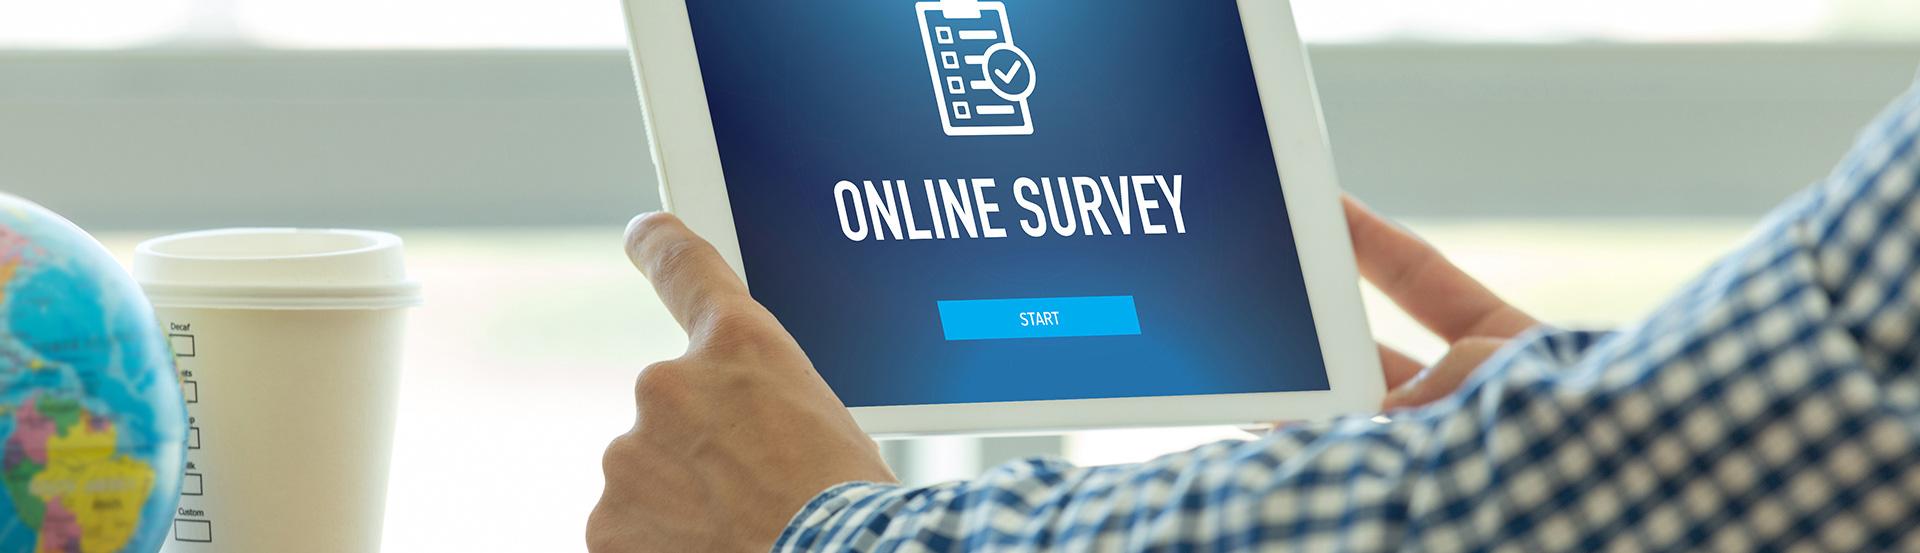 Guide enquête en ligne : Traitement des résultats